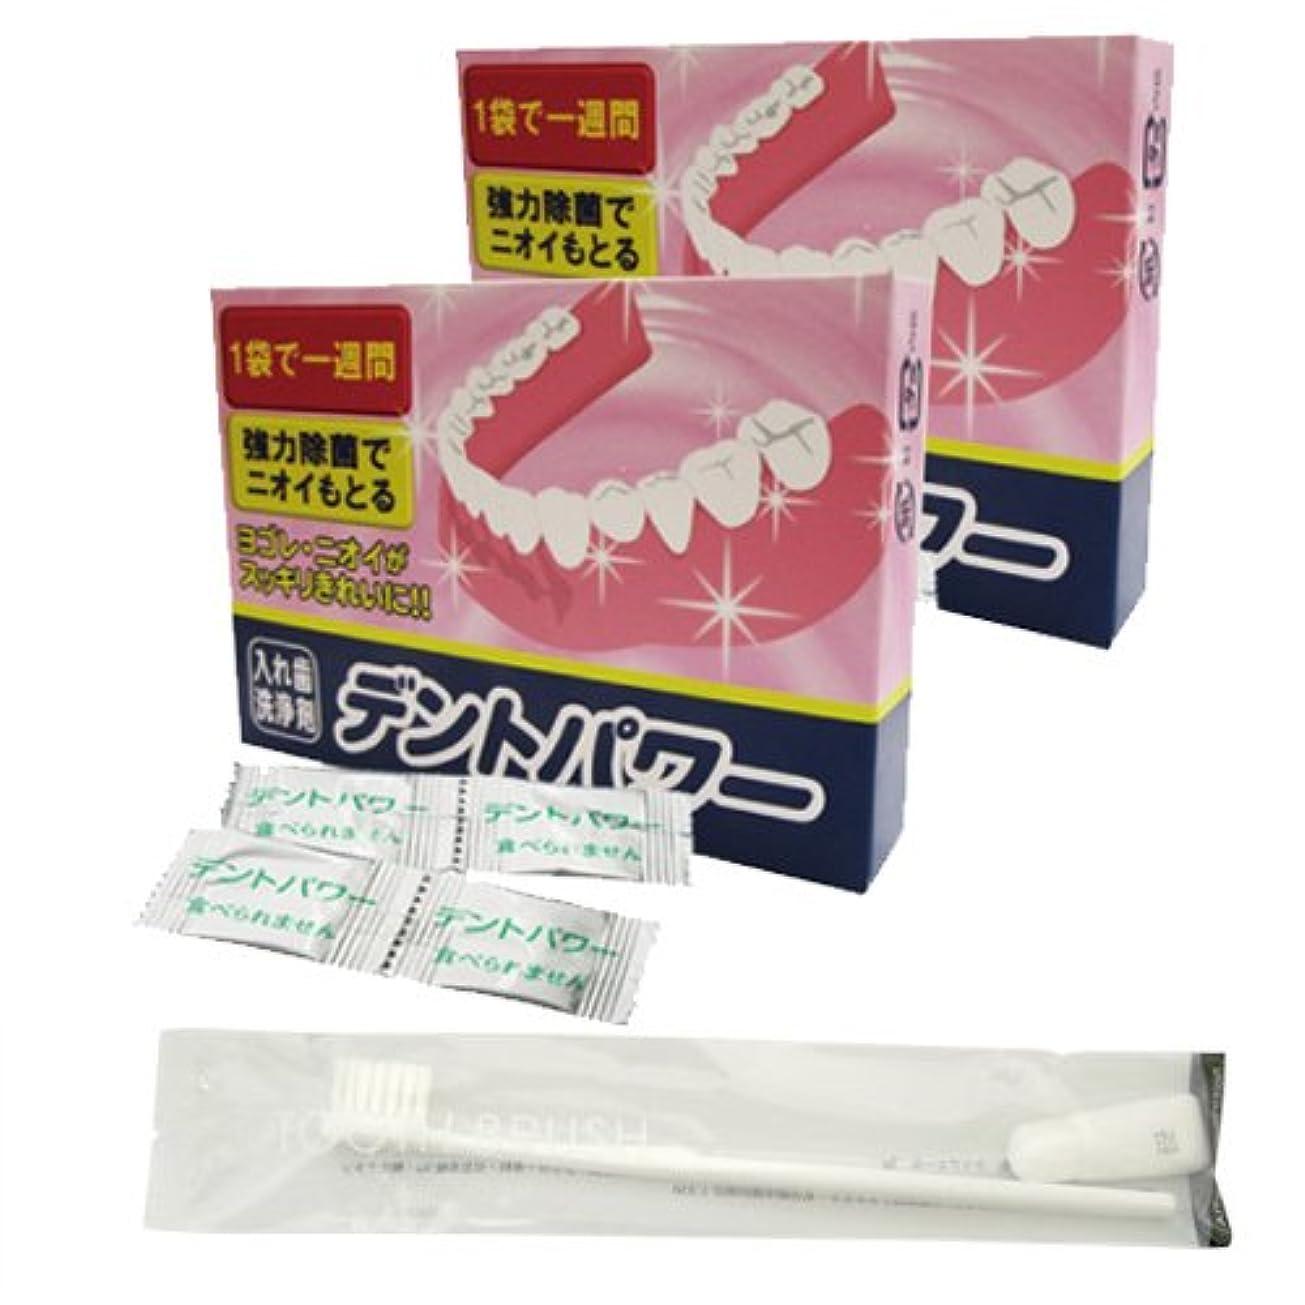 スライム生きるなぞらえるデントパワー 入れ歯洗浄剤 10ヵ月用(専用ケース無し) x2個 + チューブ歯磨き粉付き歯ブラシ セット